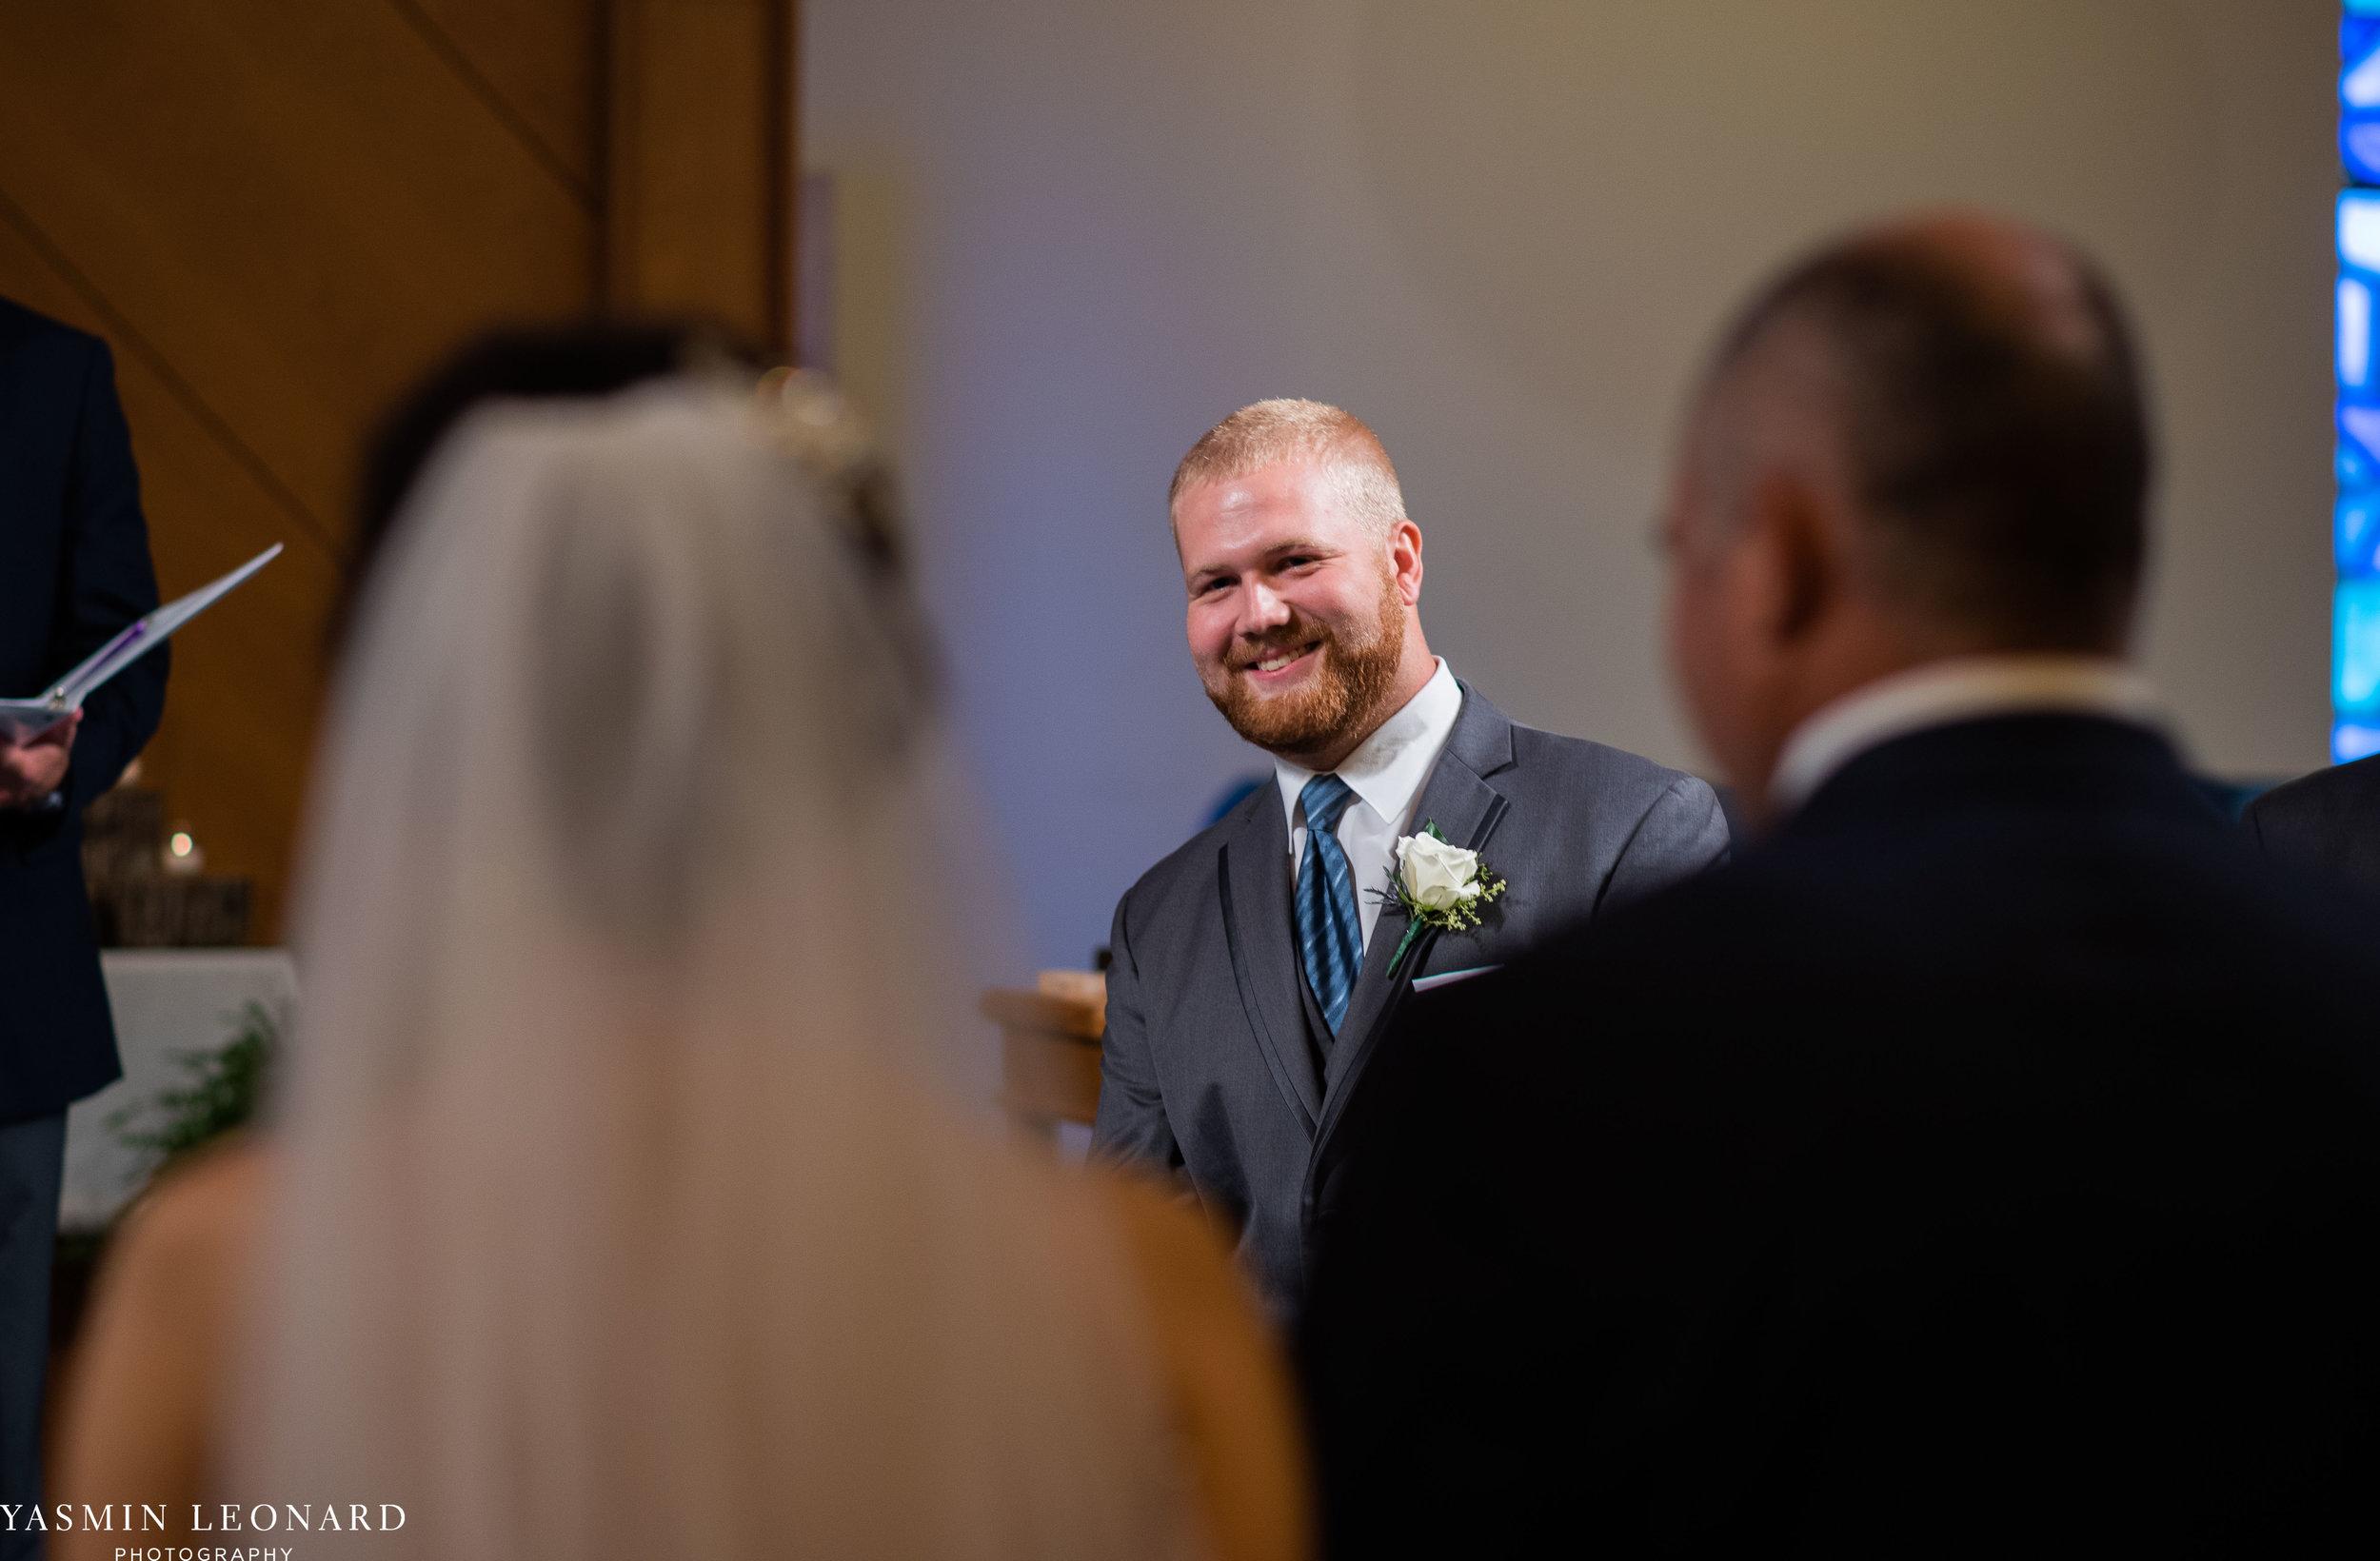 Mt. Pleasant Church - Church Wedding - Traditional Wedding - Church Ceremony - Country Wedding - Godly Wedding - NC Wedding Photographer - High Point Weddings - Triad Weddings - NC Venues-22.jpg